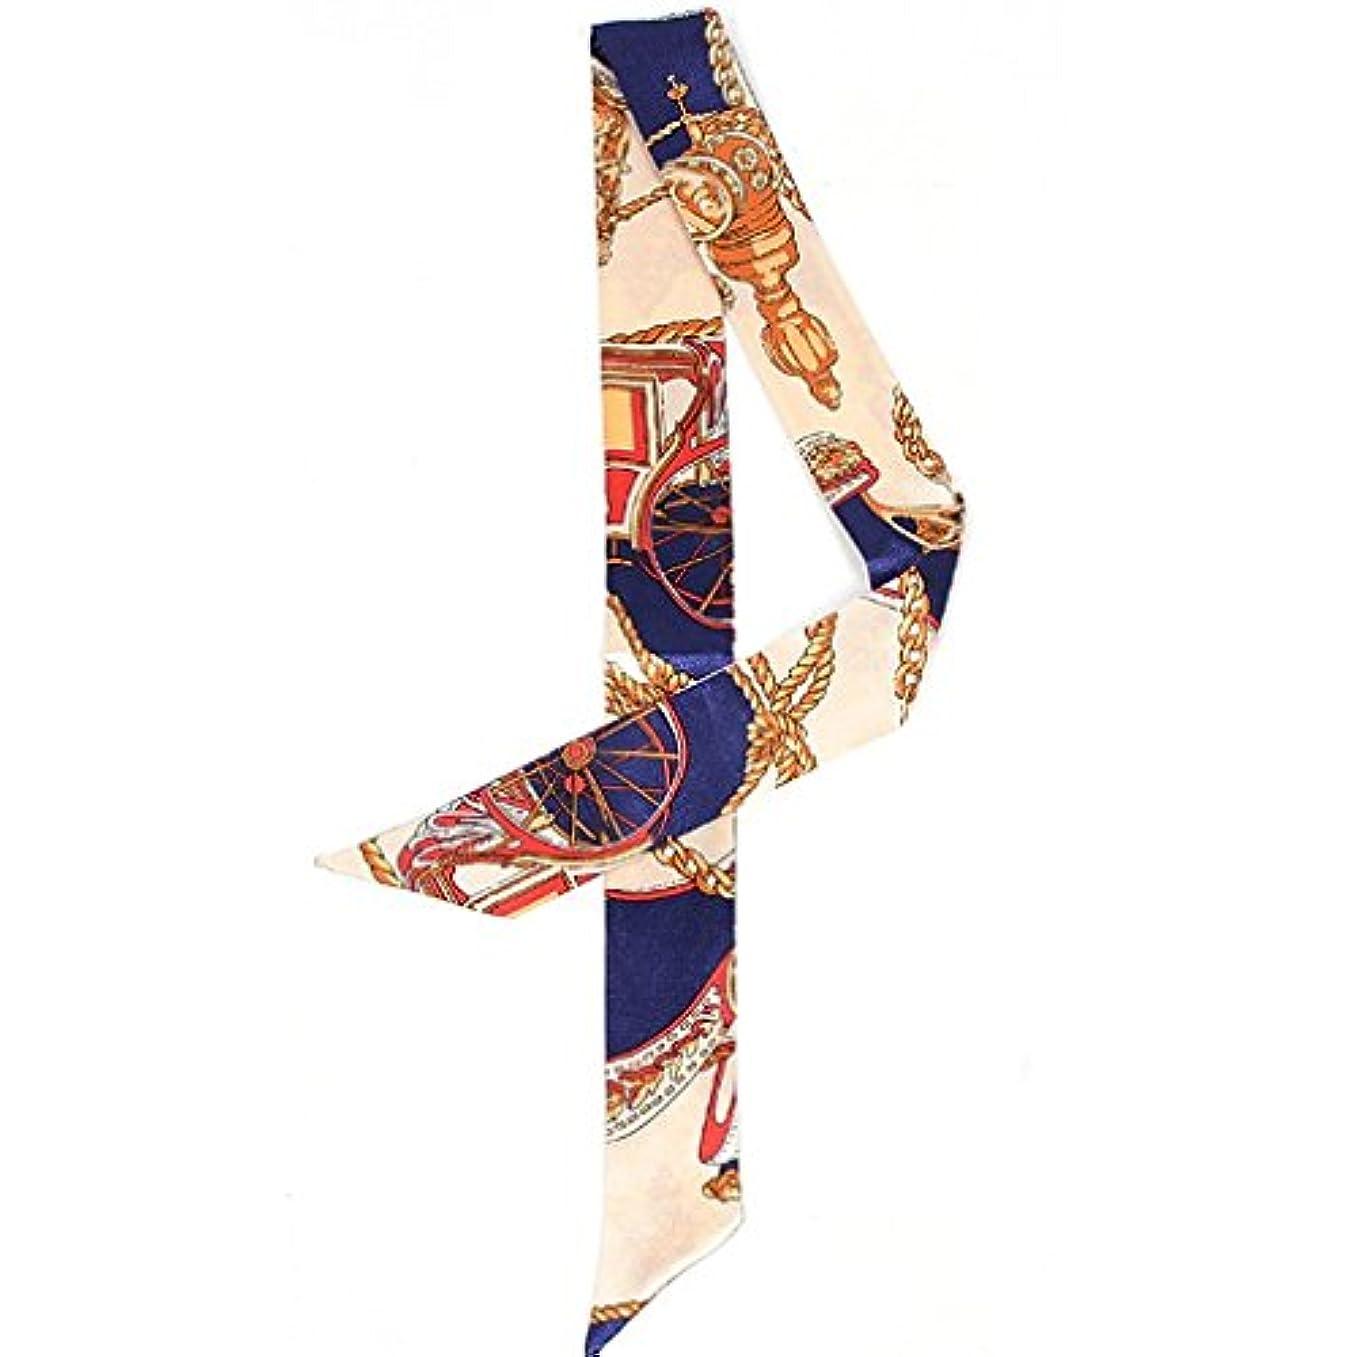 ジェット帰するセールSeliyi ツイリー スカーフ バッグ 鞄 カバン バッグ用スカーフ シルク リボン レディース ショルダー 持ち手 小物